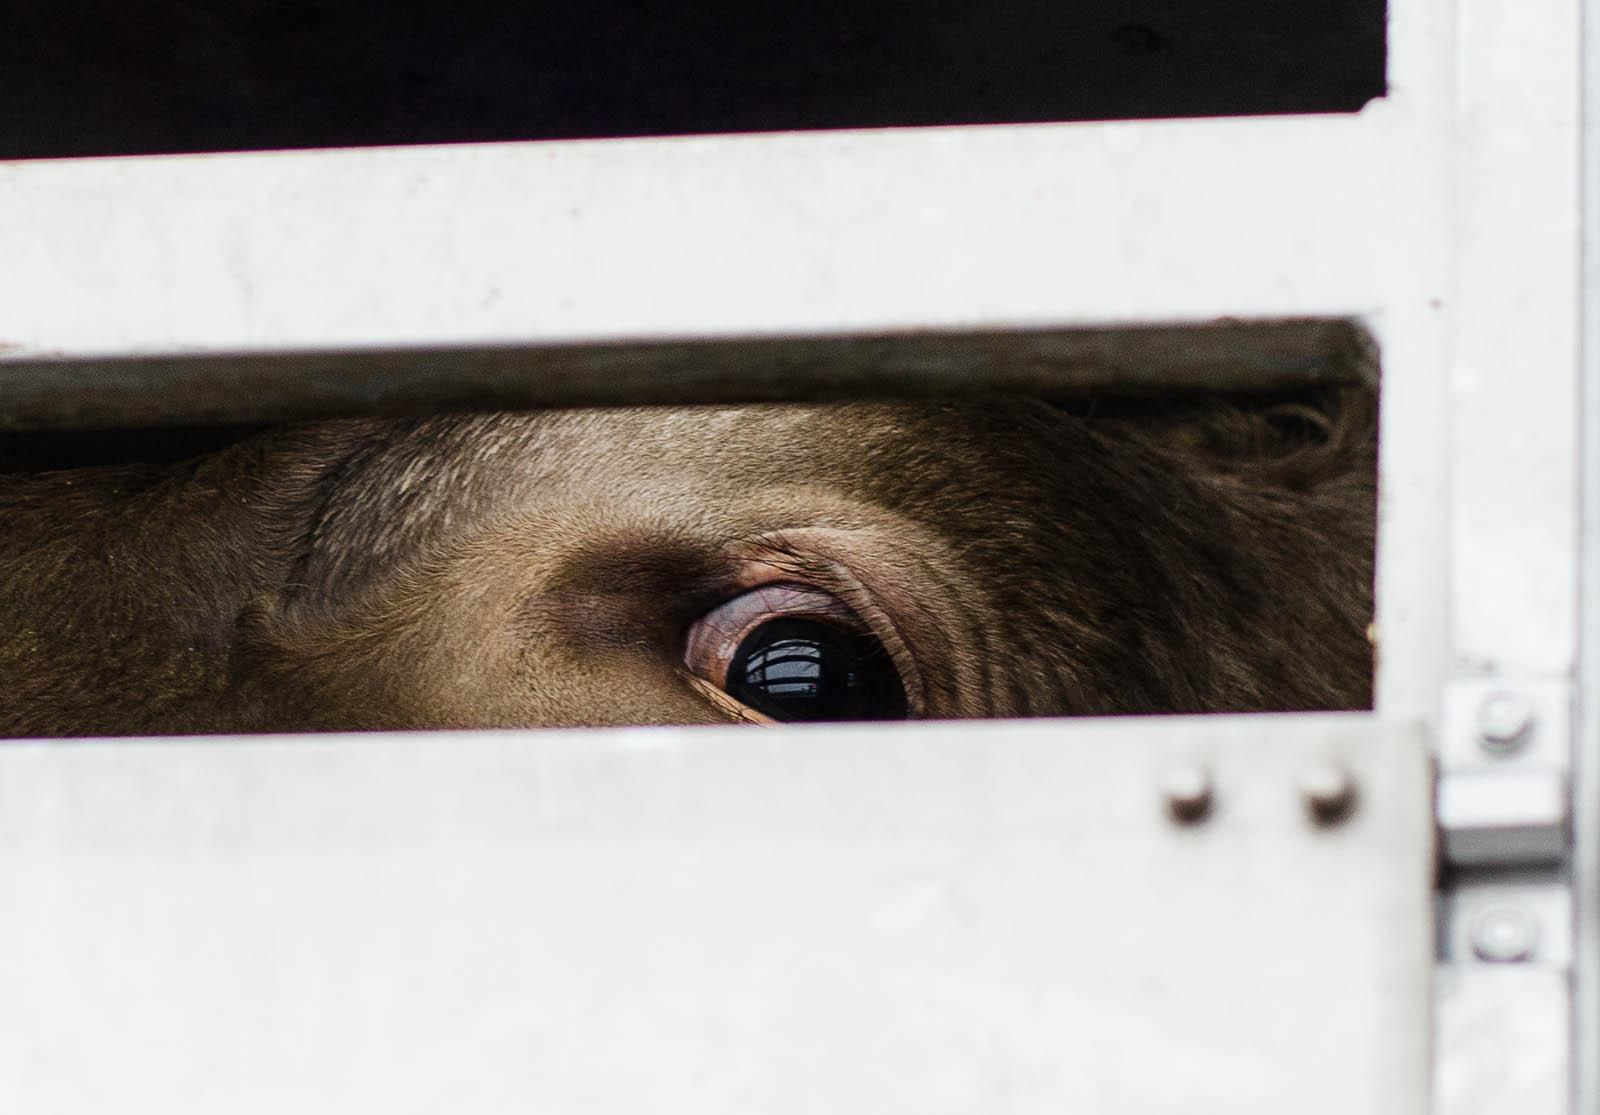 Gesetze schützen nicht: Tiertransporte bedeuten Leid und Tod!